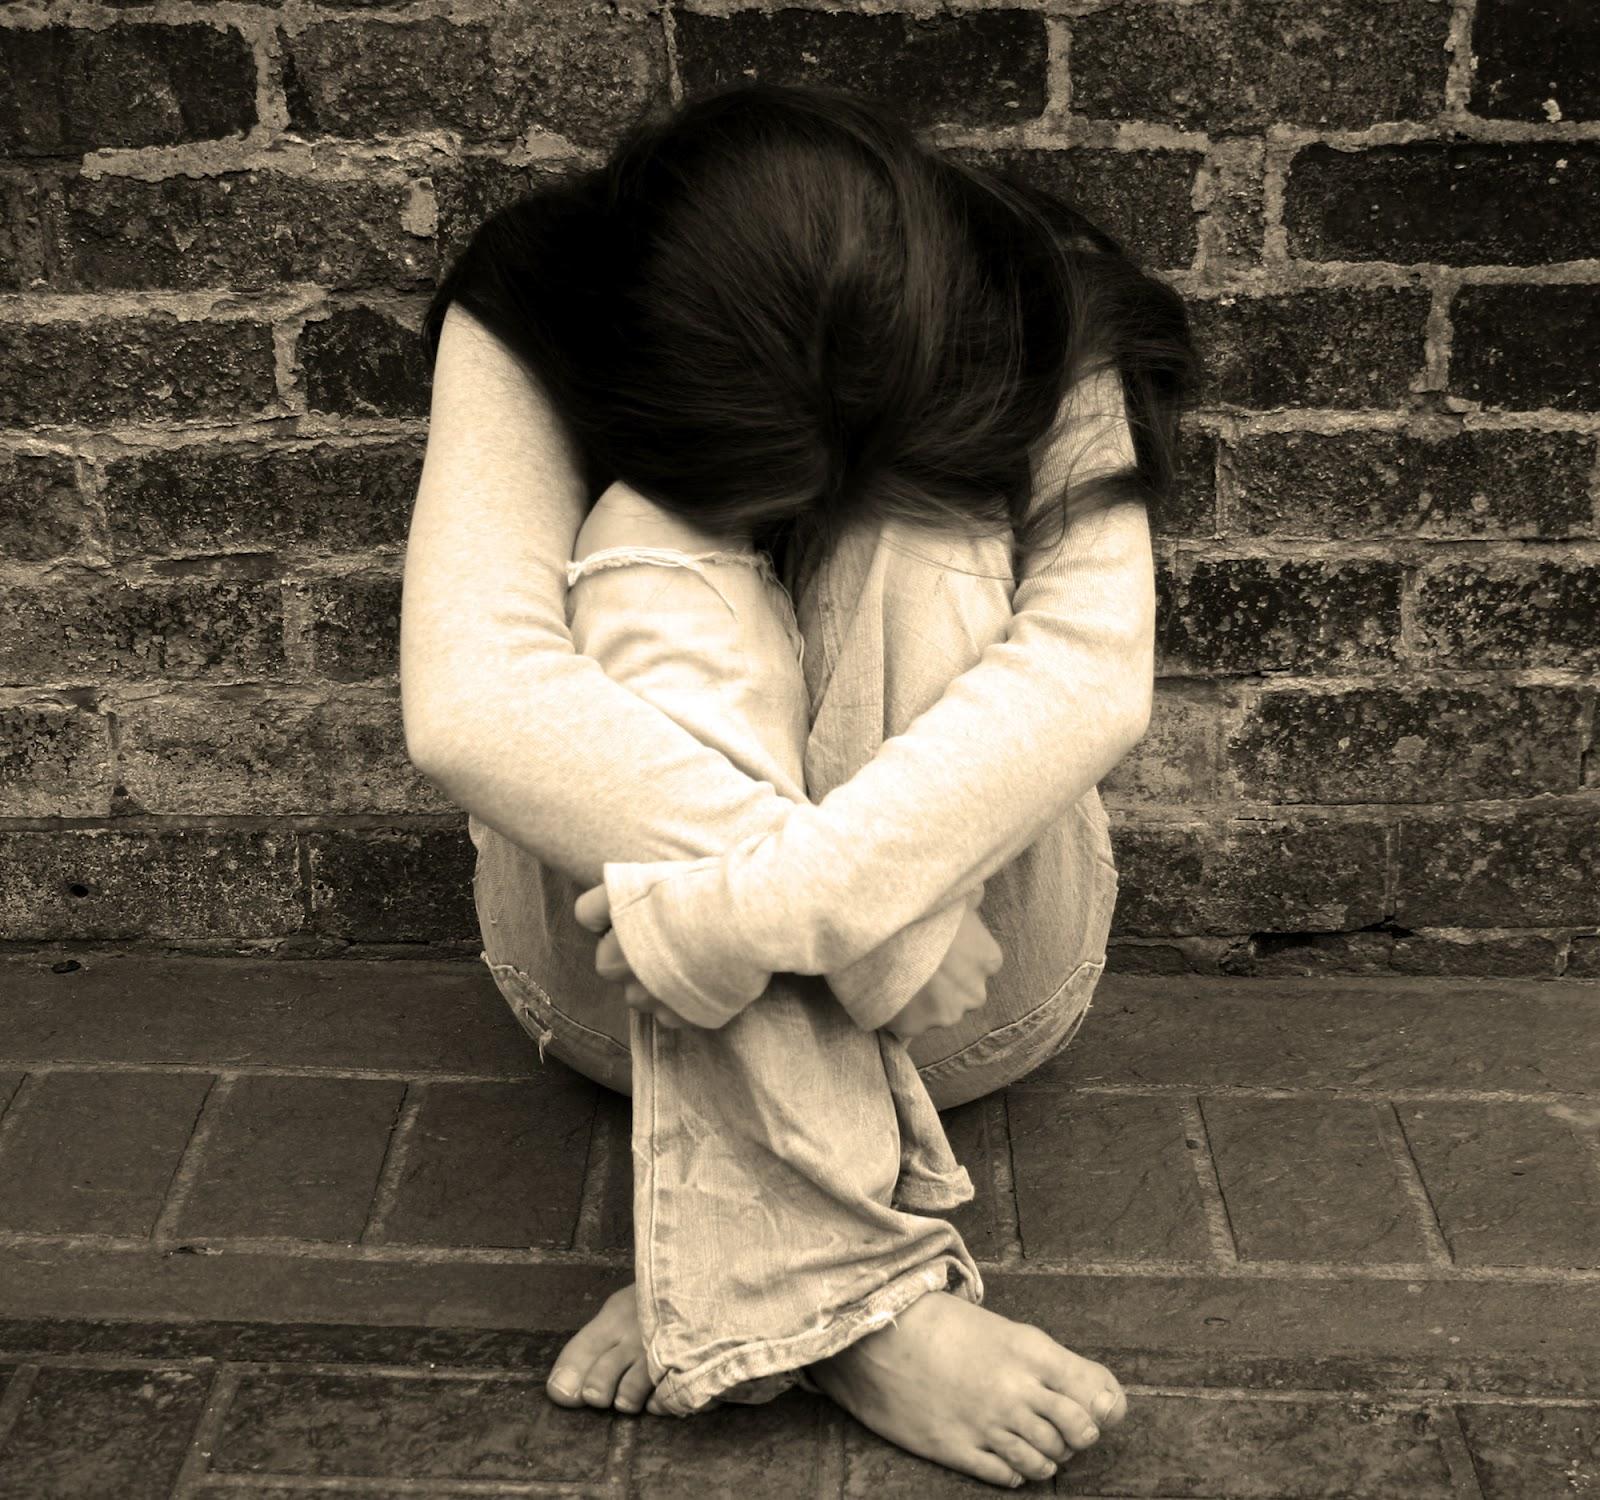 Il est naturel de se sentir triste ou déprimé si quelque chose de désagréable s'est produit.